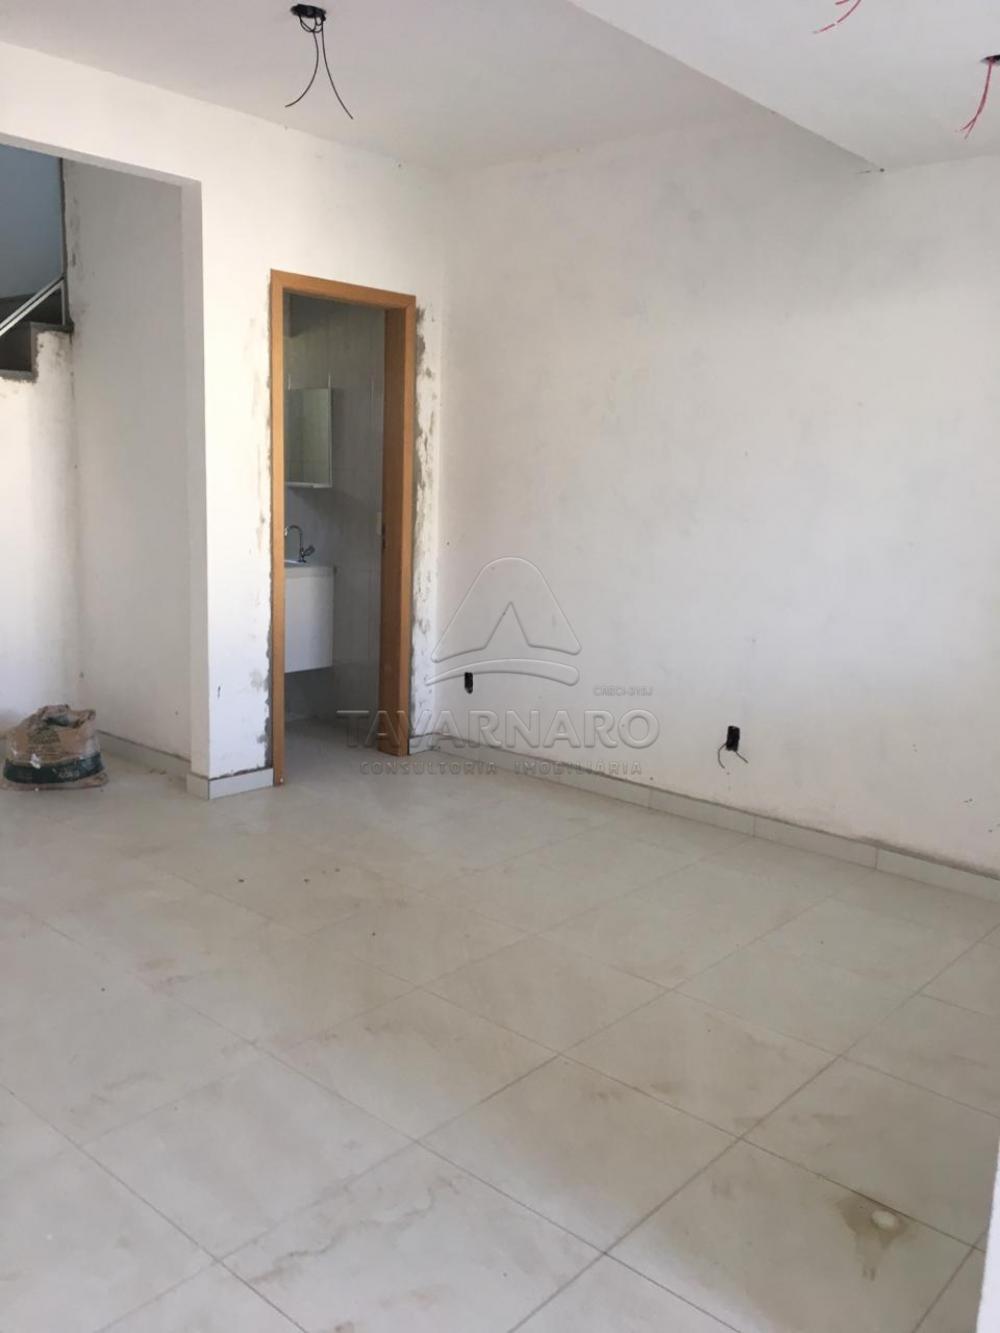 Comprar Casa / Sobrado em Ponta Grossa - Foto 8